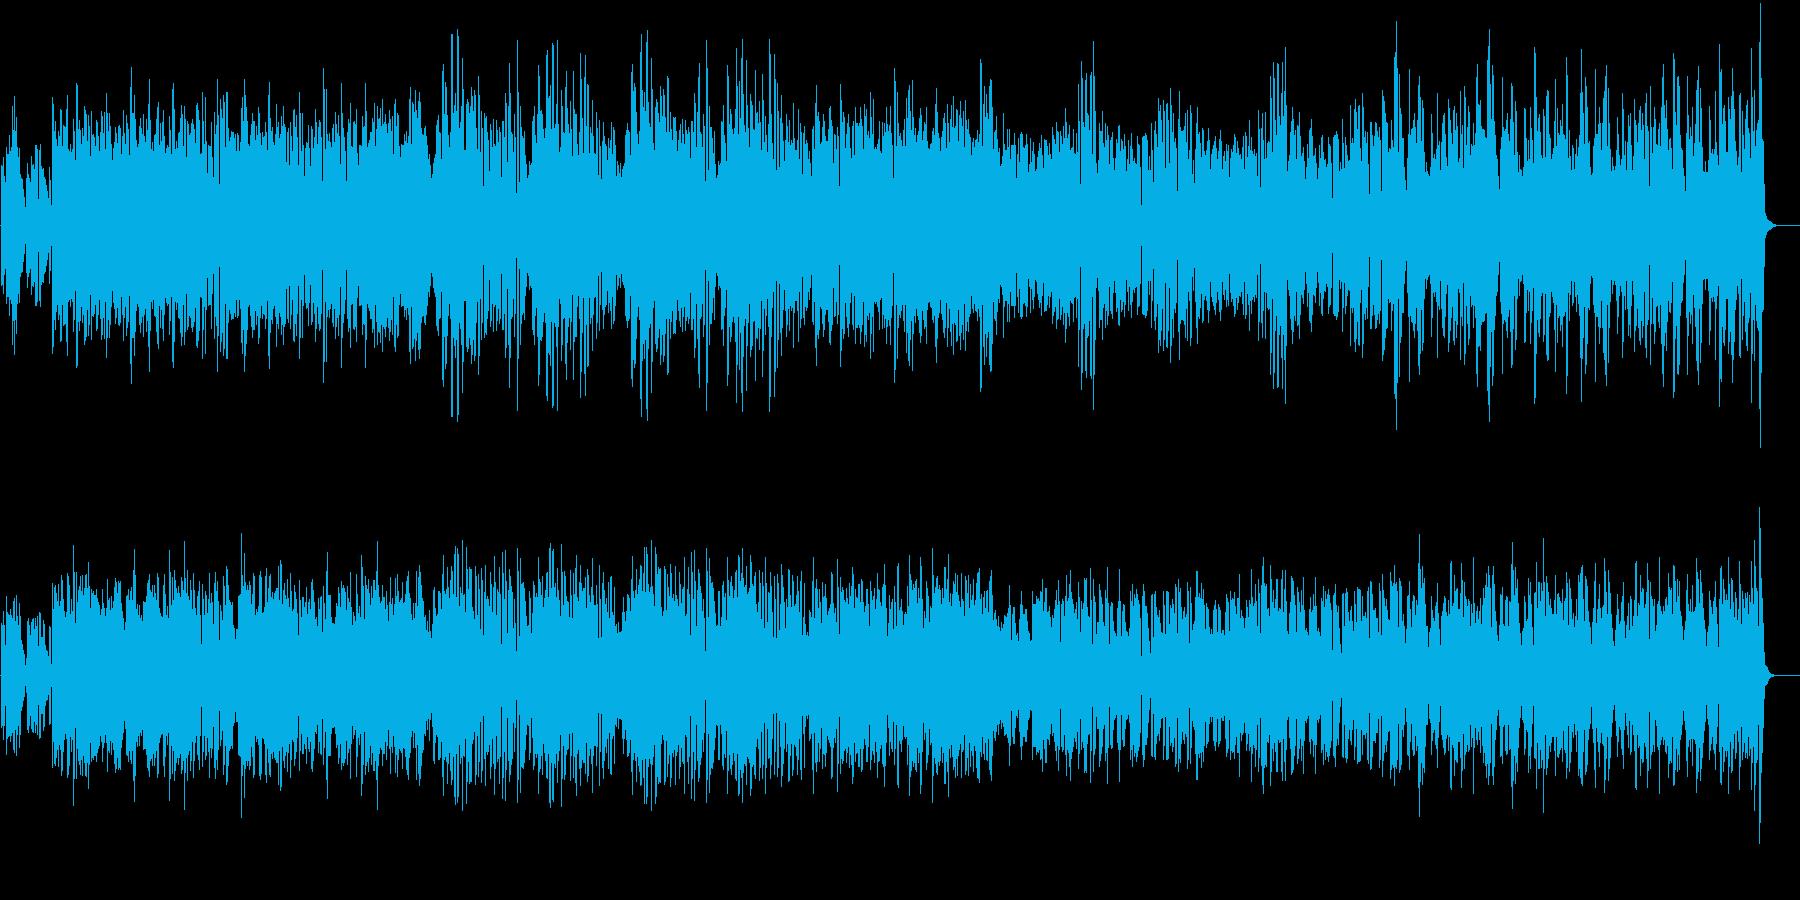 【ピアノ】パイン・アップル・ラグの再生済みの波形